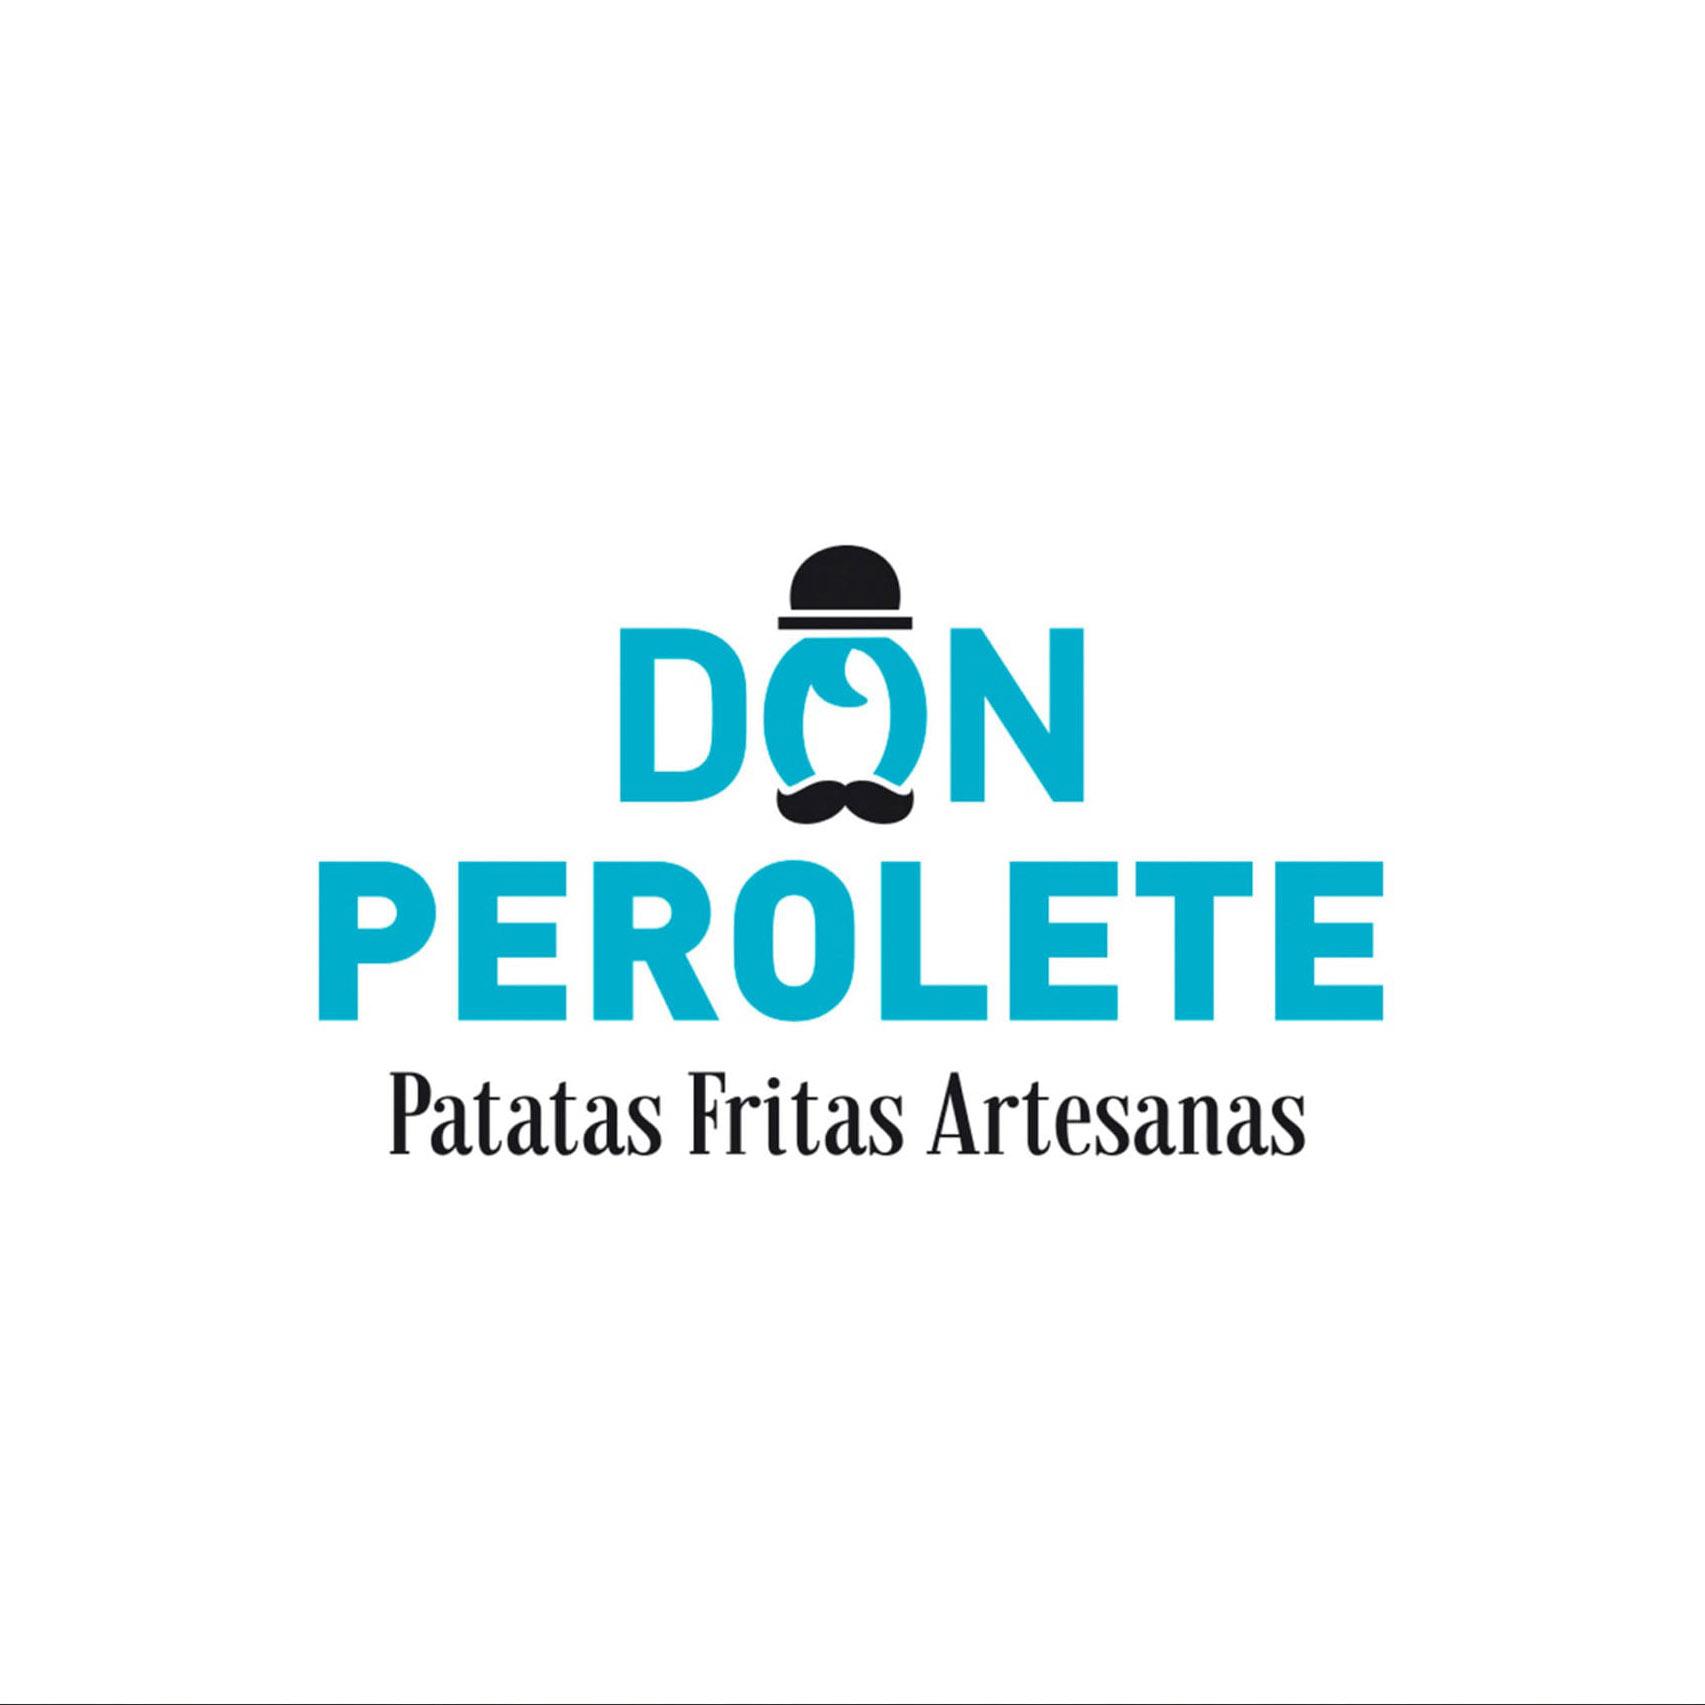 Packaging Design for Don Perolete Range of Chips Designed by Salvartes Design